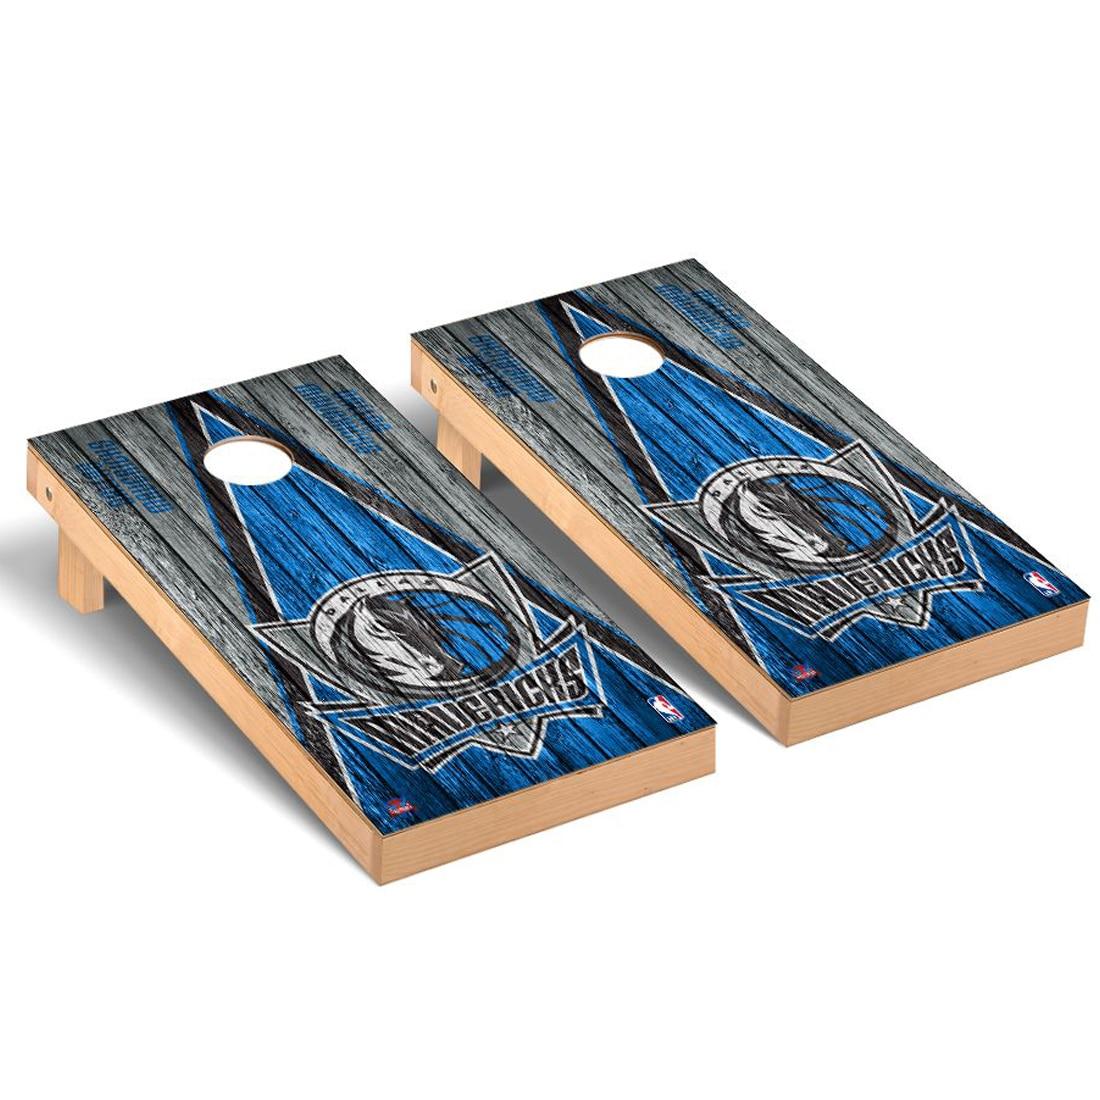 Dallas Mavericks 2' x 4' Weathered Museum Cornhole Board Tailgate Toss Set